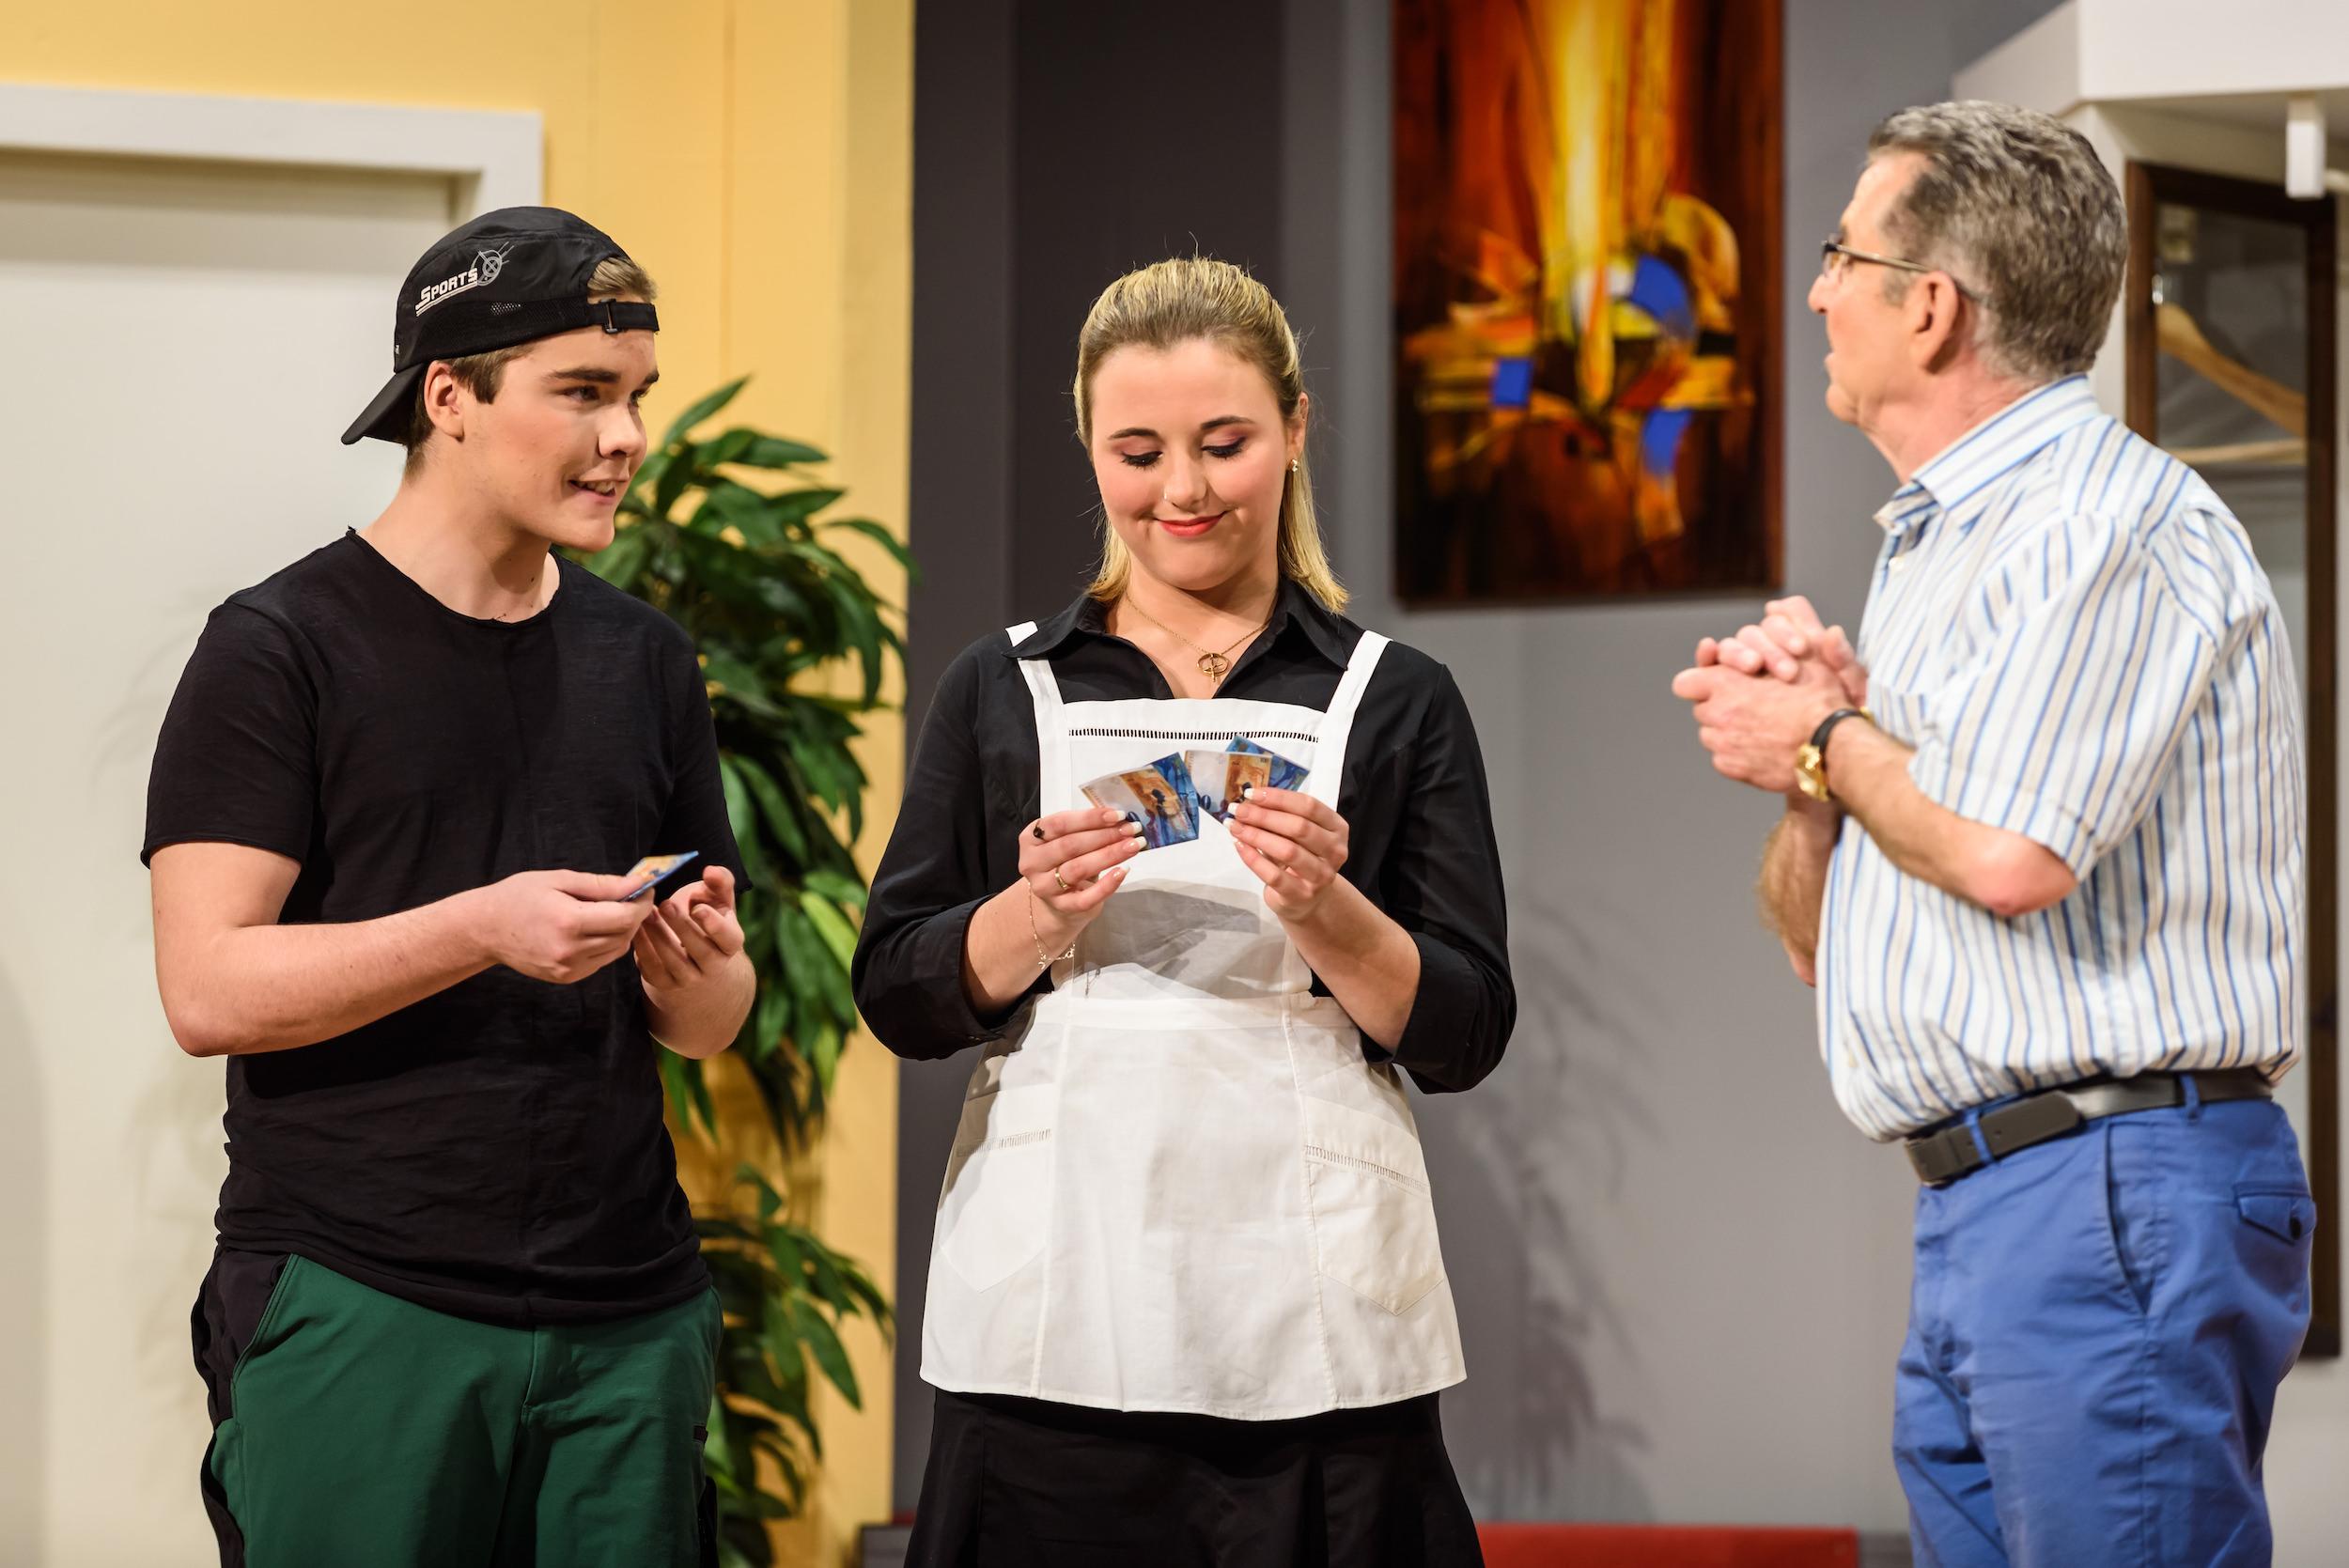 v.l.n.r. Cédric Weiss, Laura Pfrunder und Kari Gnos